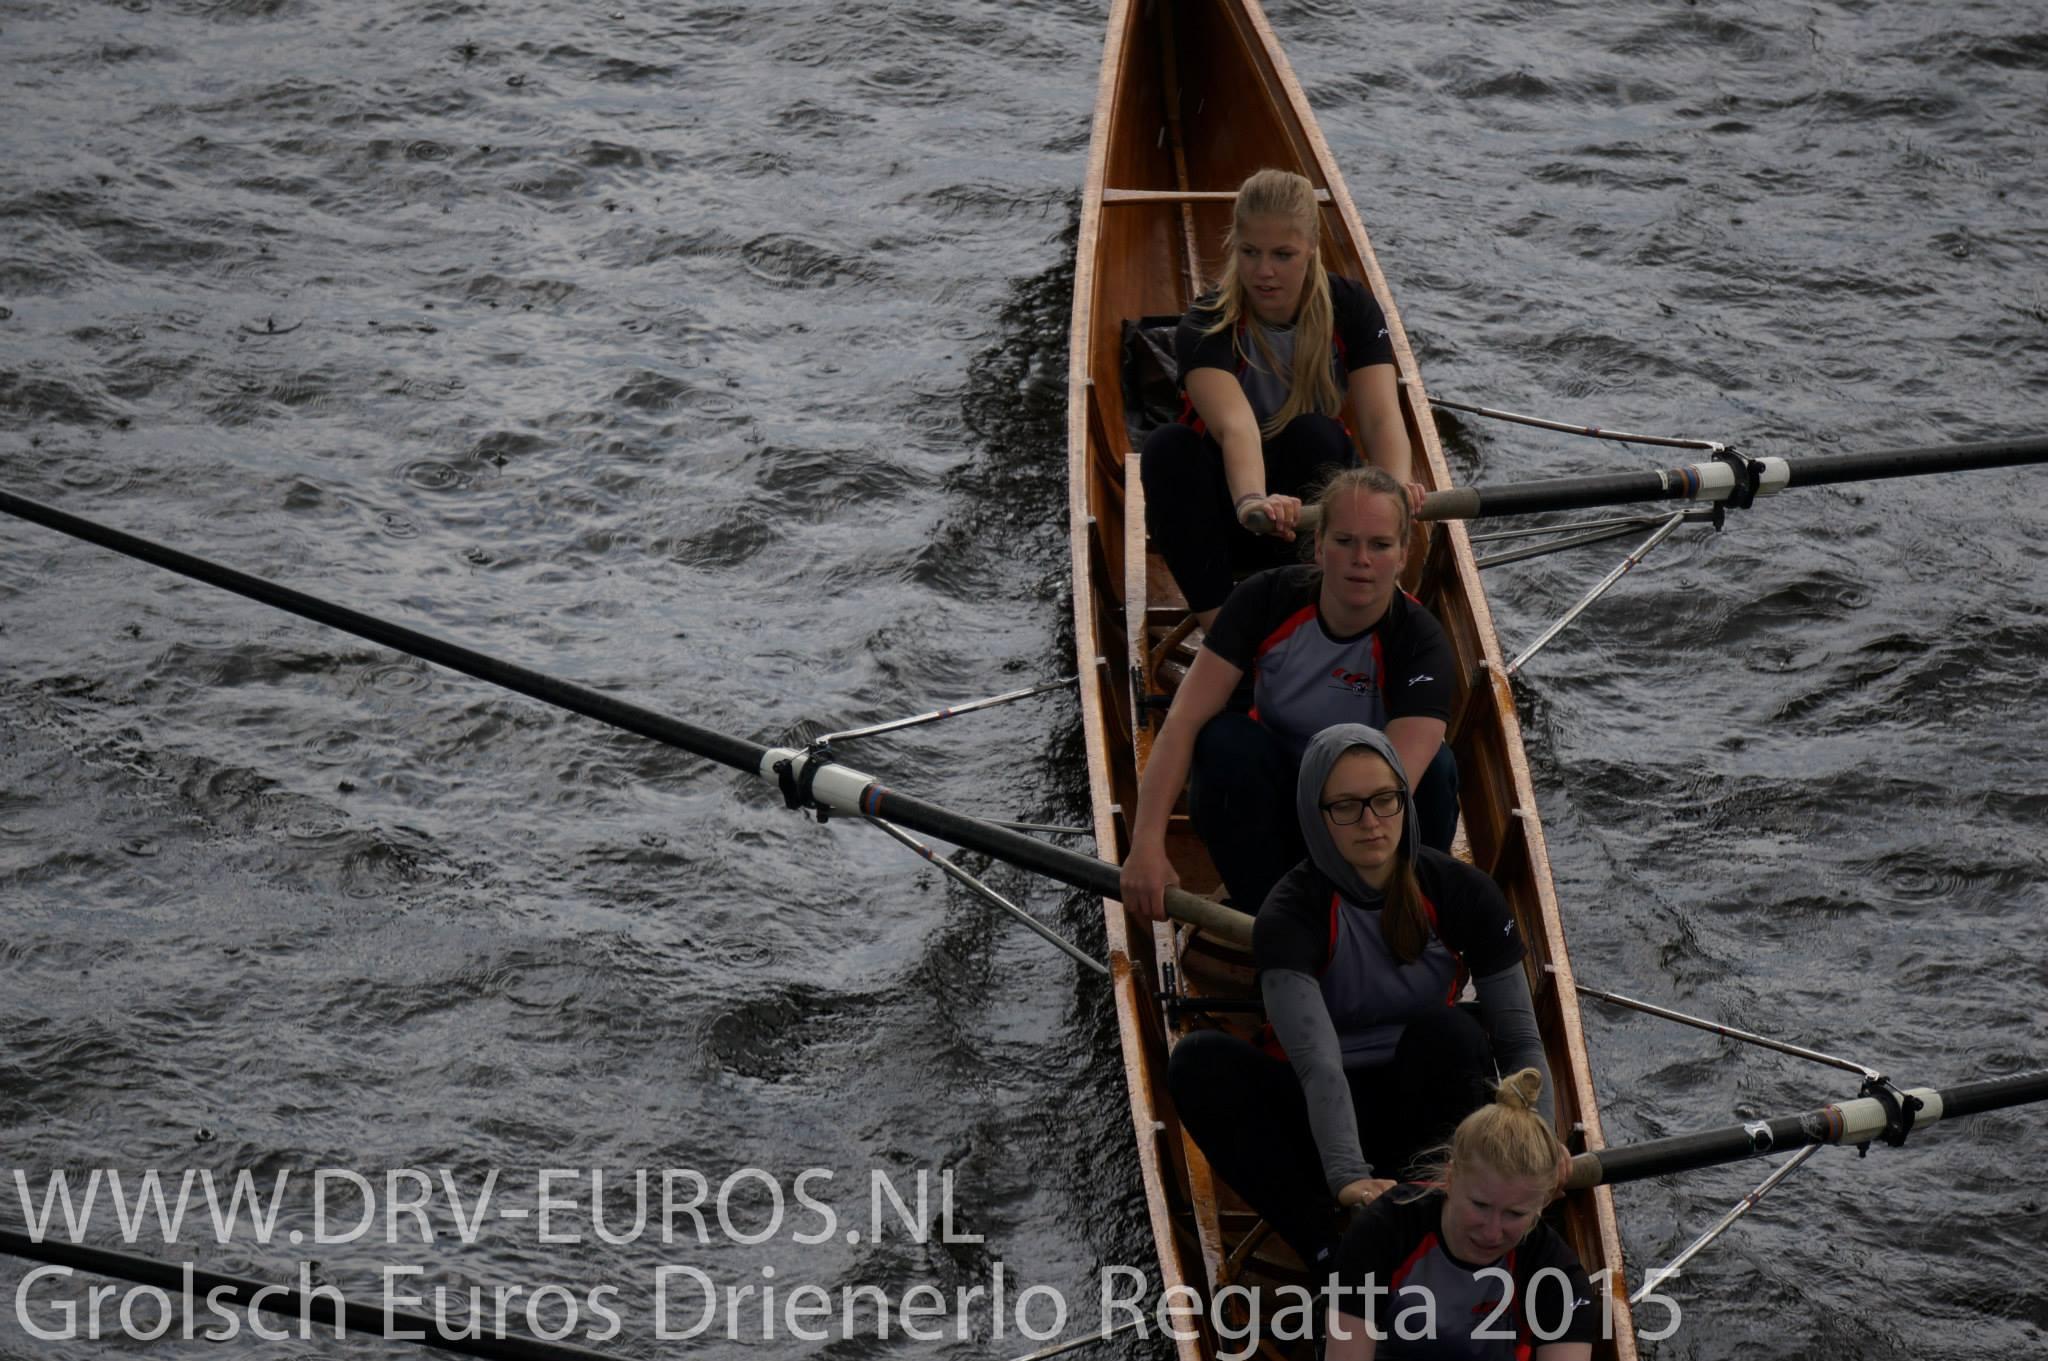 Foto gemaakt door DRV Euros